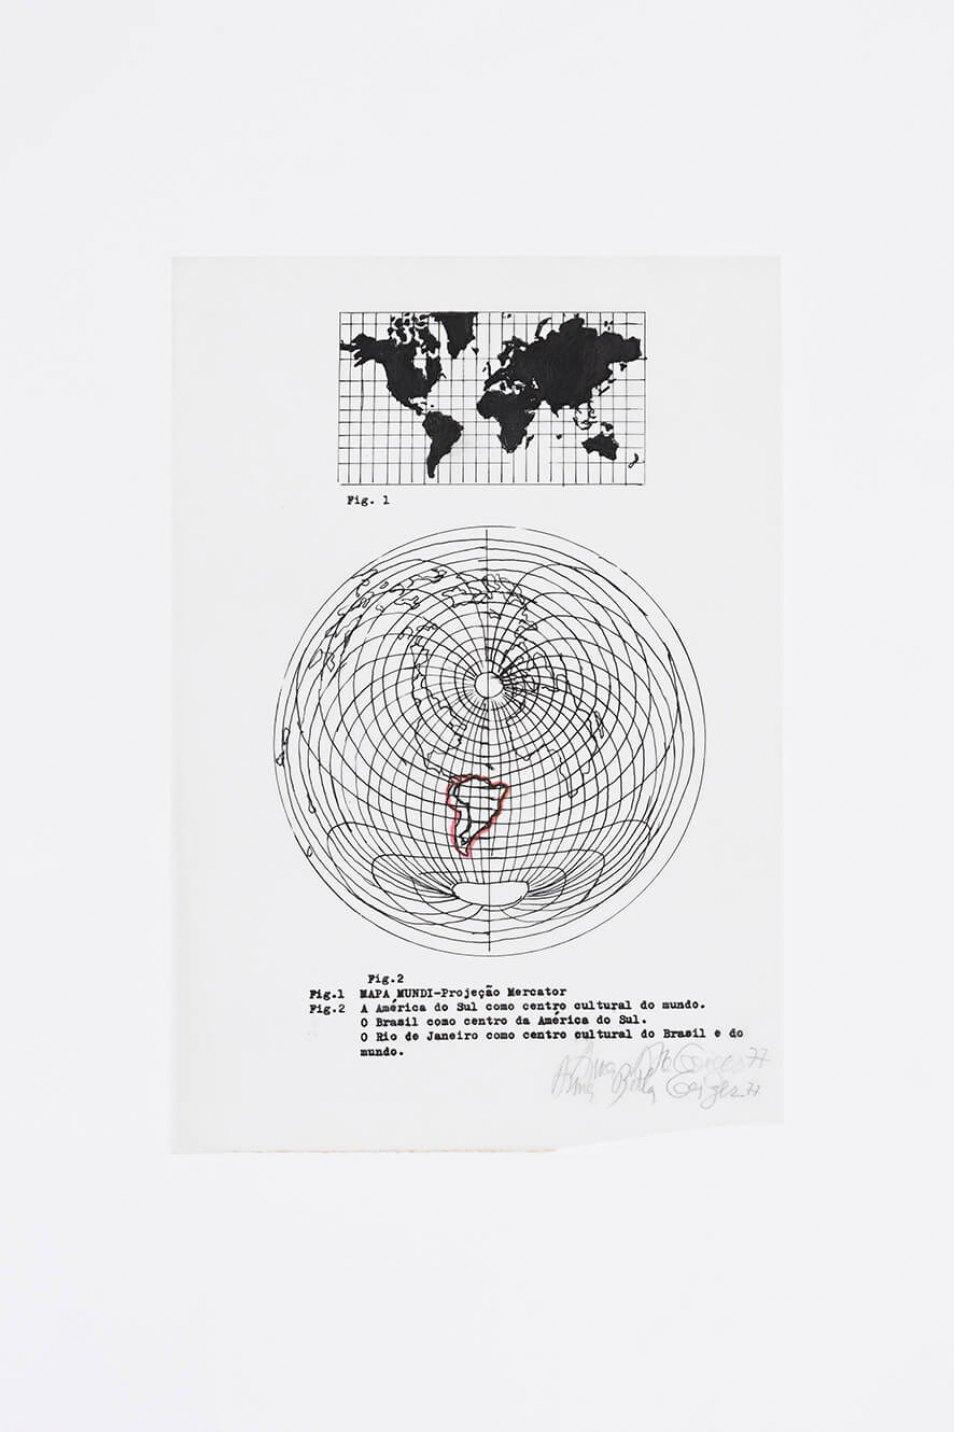 Anna Bella Geiger,<em>O Brasil como centro da América do Sul</em>, 1976,nankin drawing, typewriter and serigraphy,31 × 21 cm - Mendes Wood DM